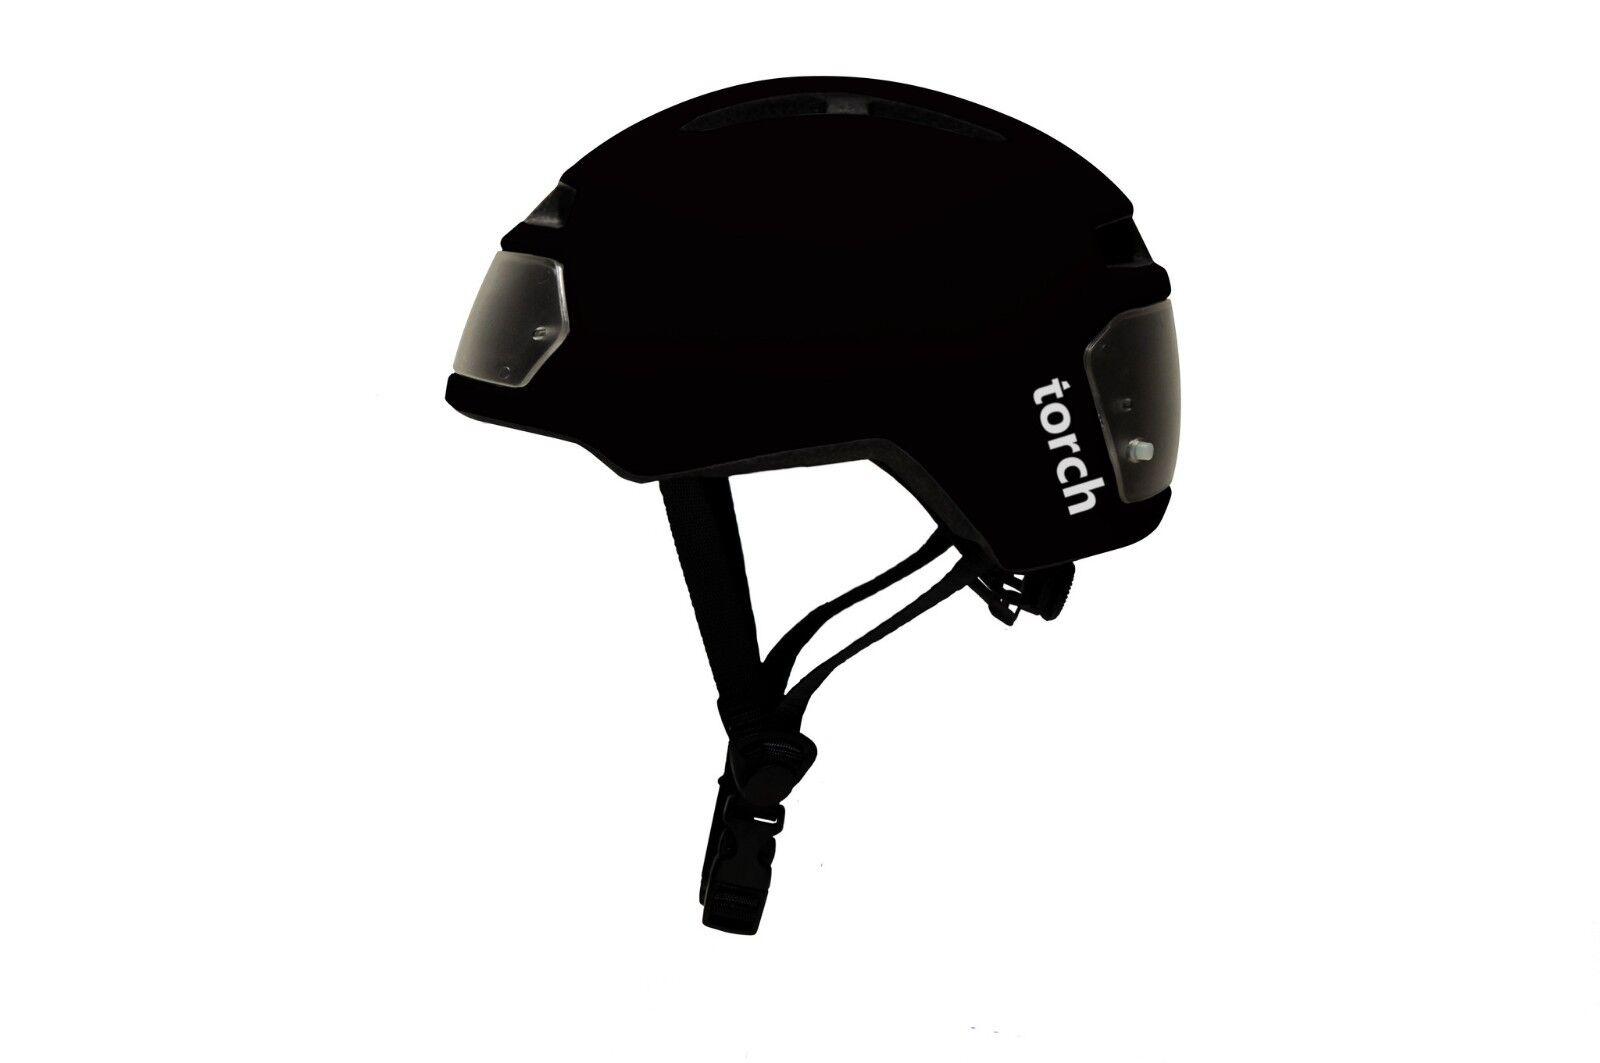 Torch bicicleta casco-Color  negro-tamaño  54 - 61 cm